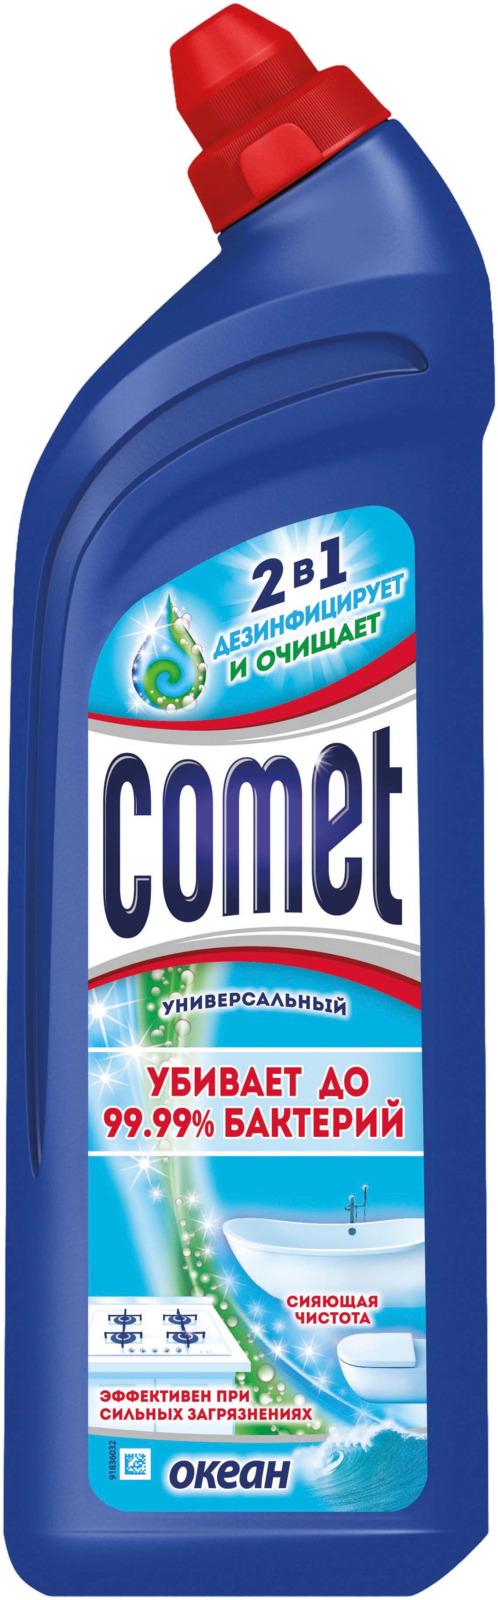 Универсальный чистящий гель Comet Двойной эффект, океанский бриз, 1 л comet чистящий гель лимон 500мл